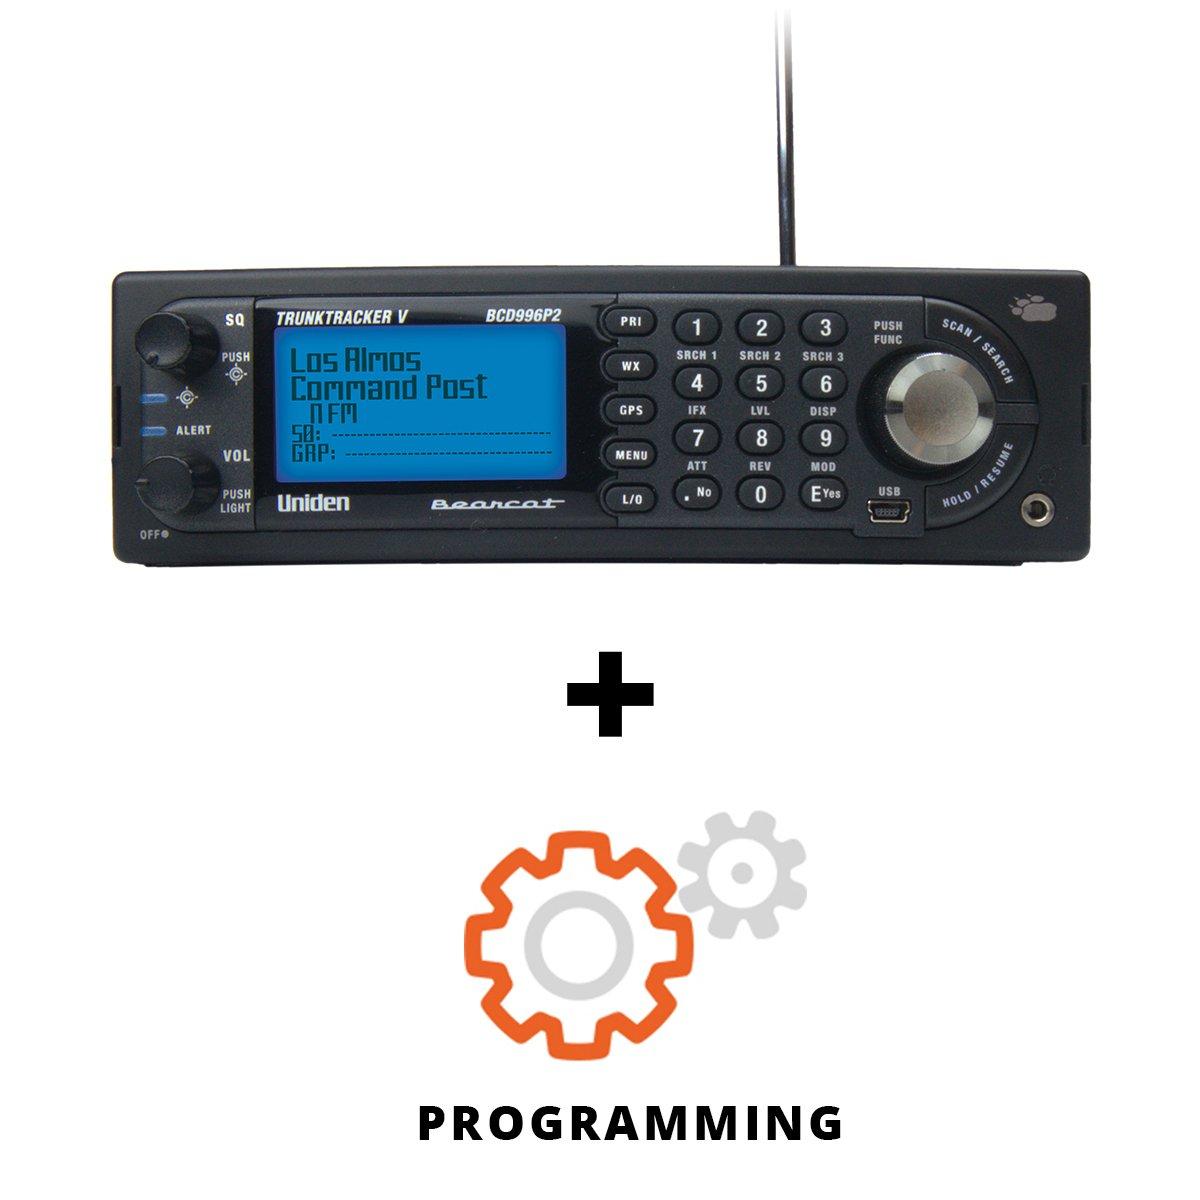 Uniden BCD996P2 Base/Mobile PROGRAMMED Phase II Digital Scanner by Uniden